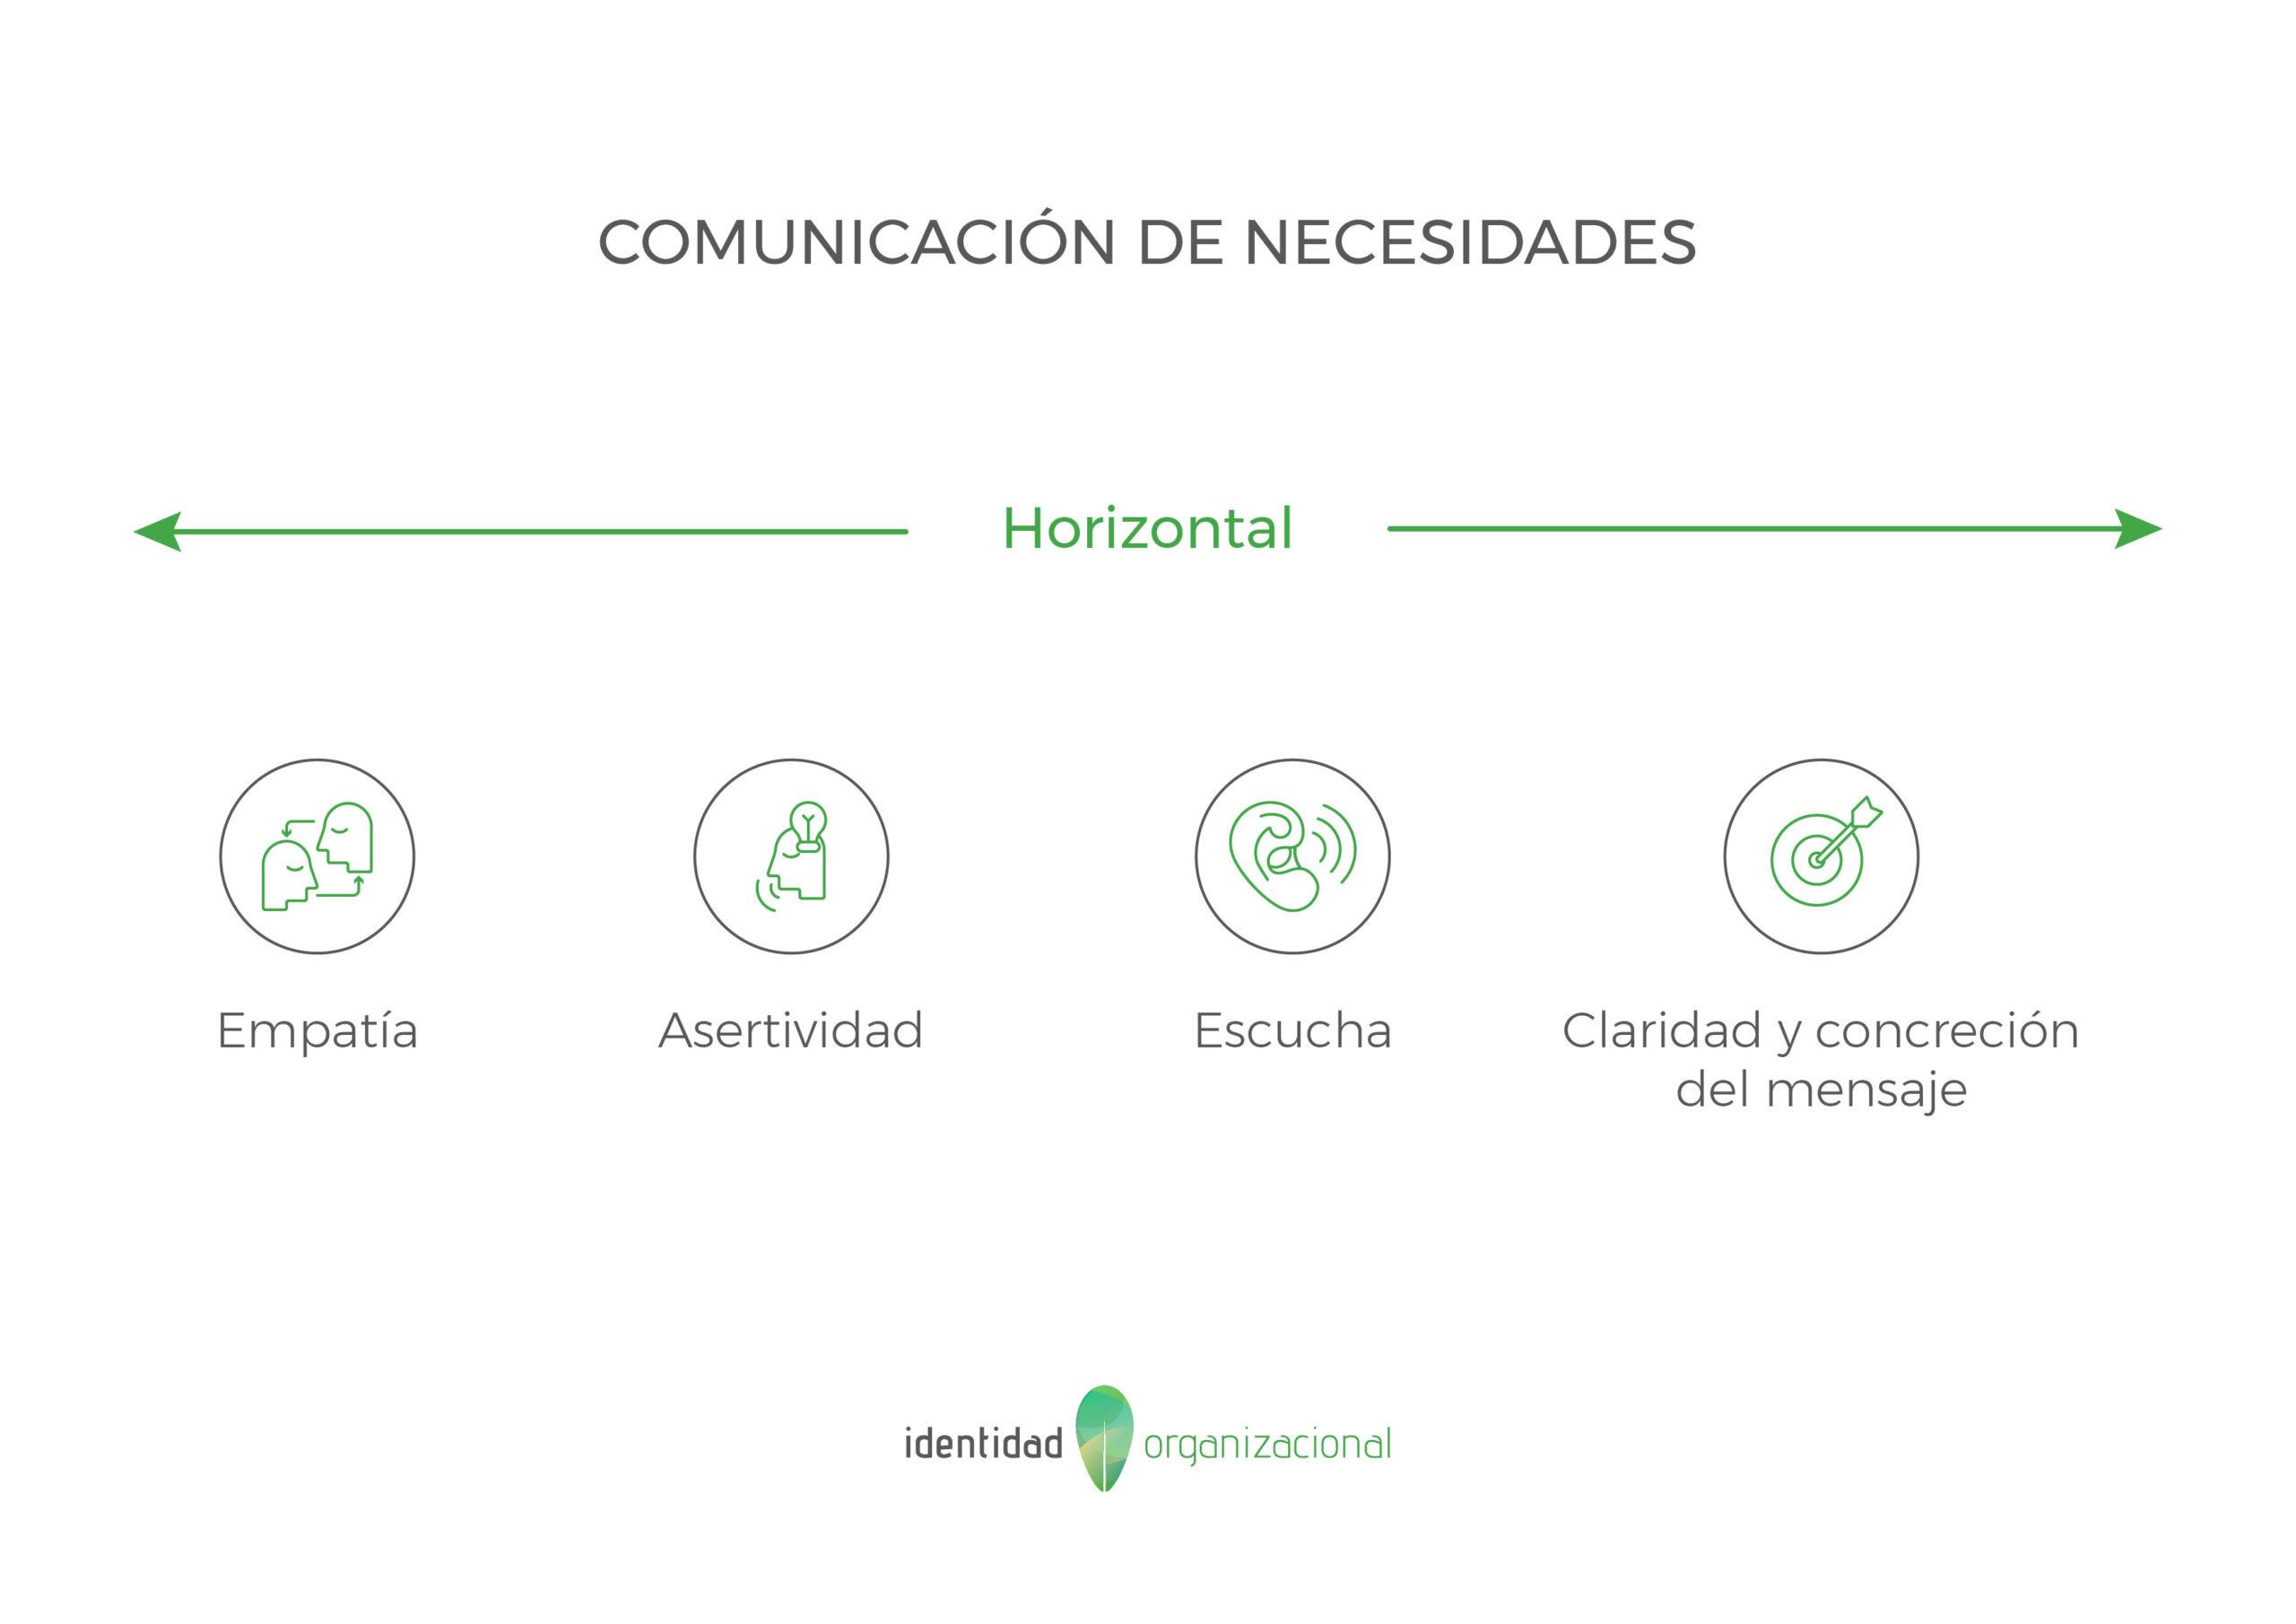 Comunicación interna horizontal